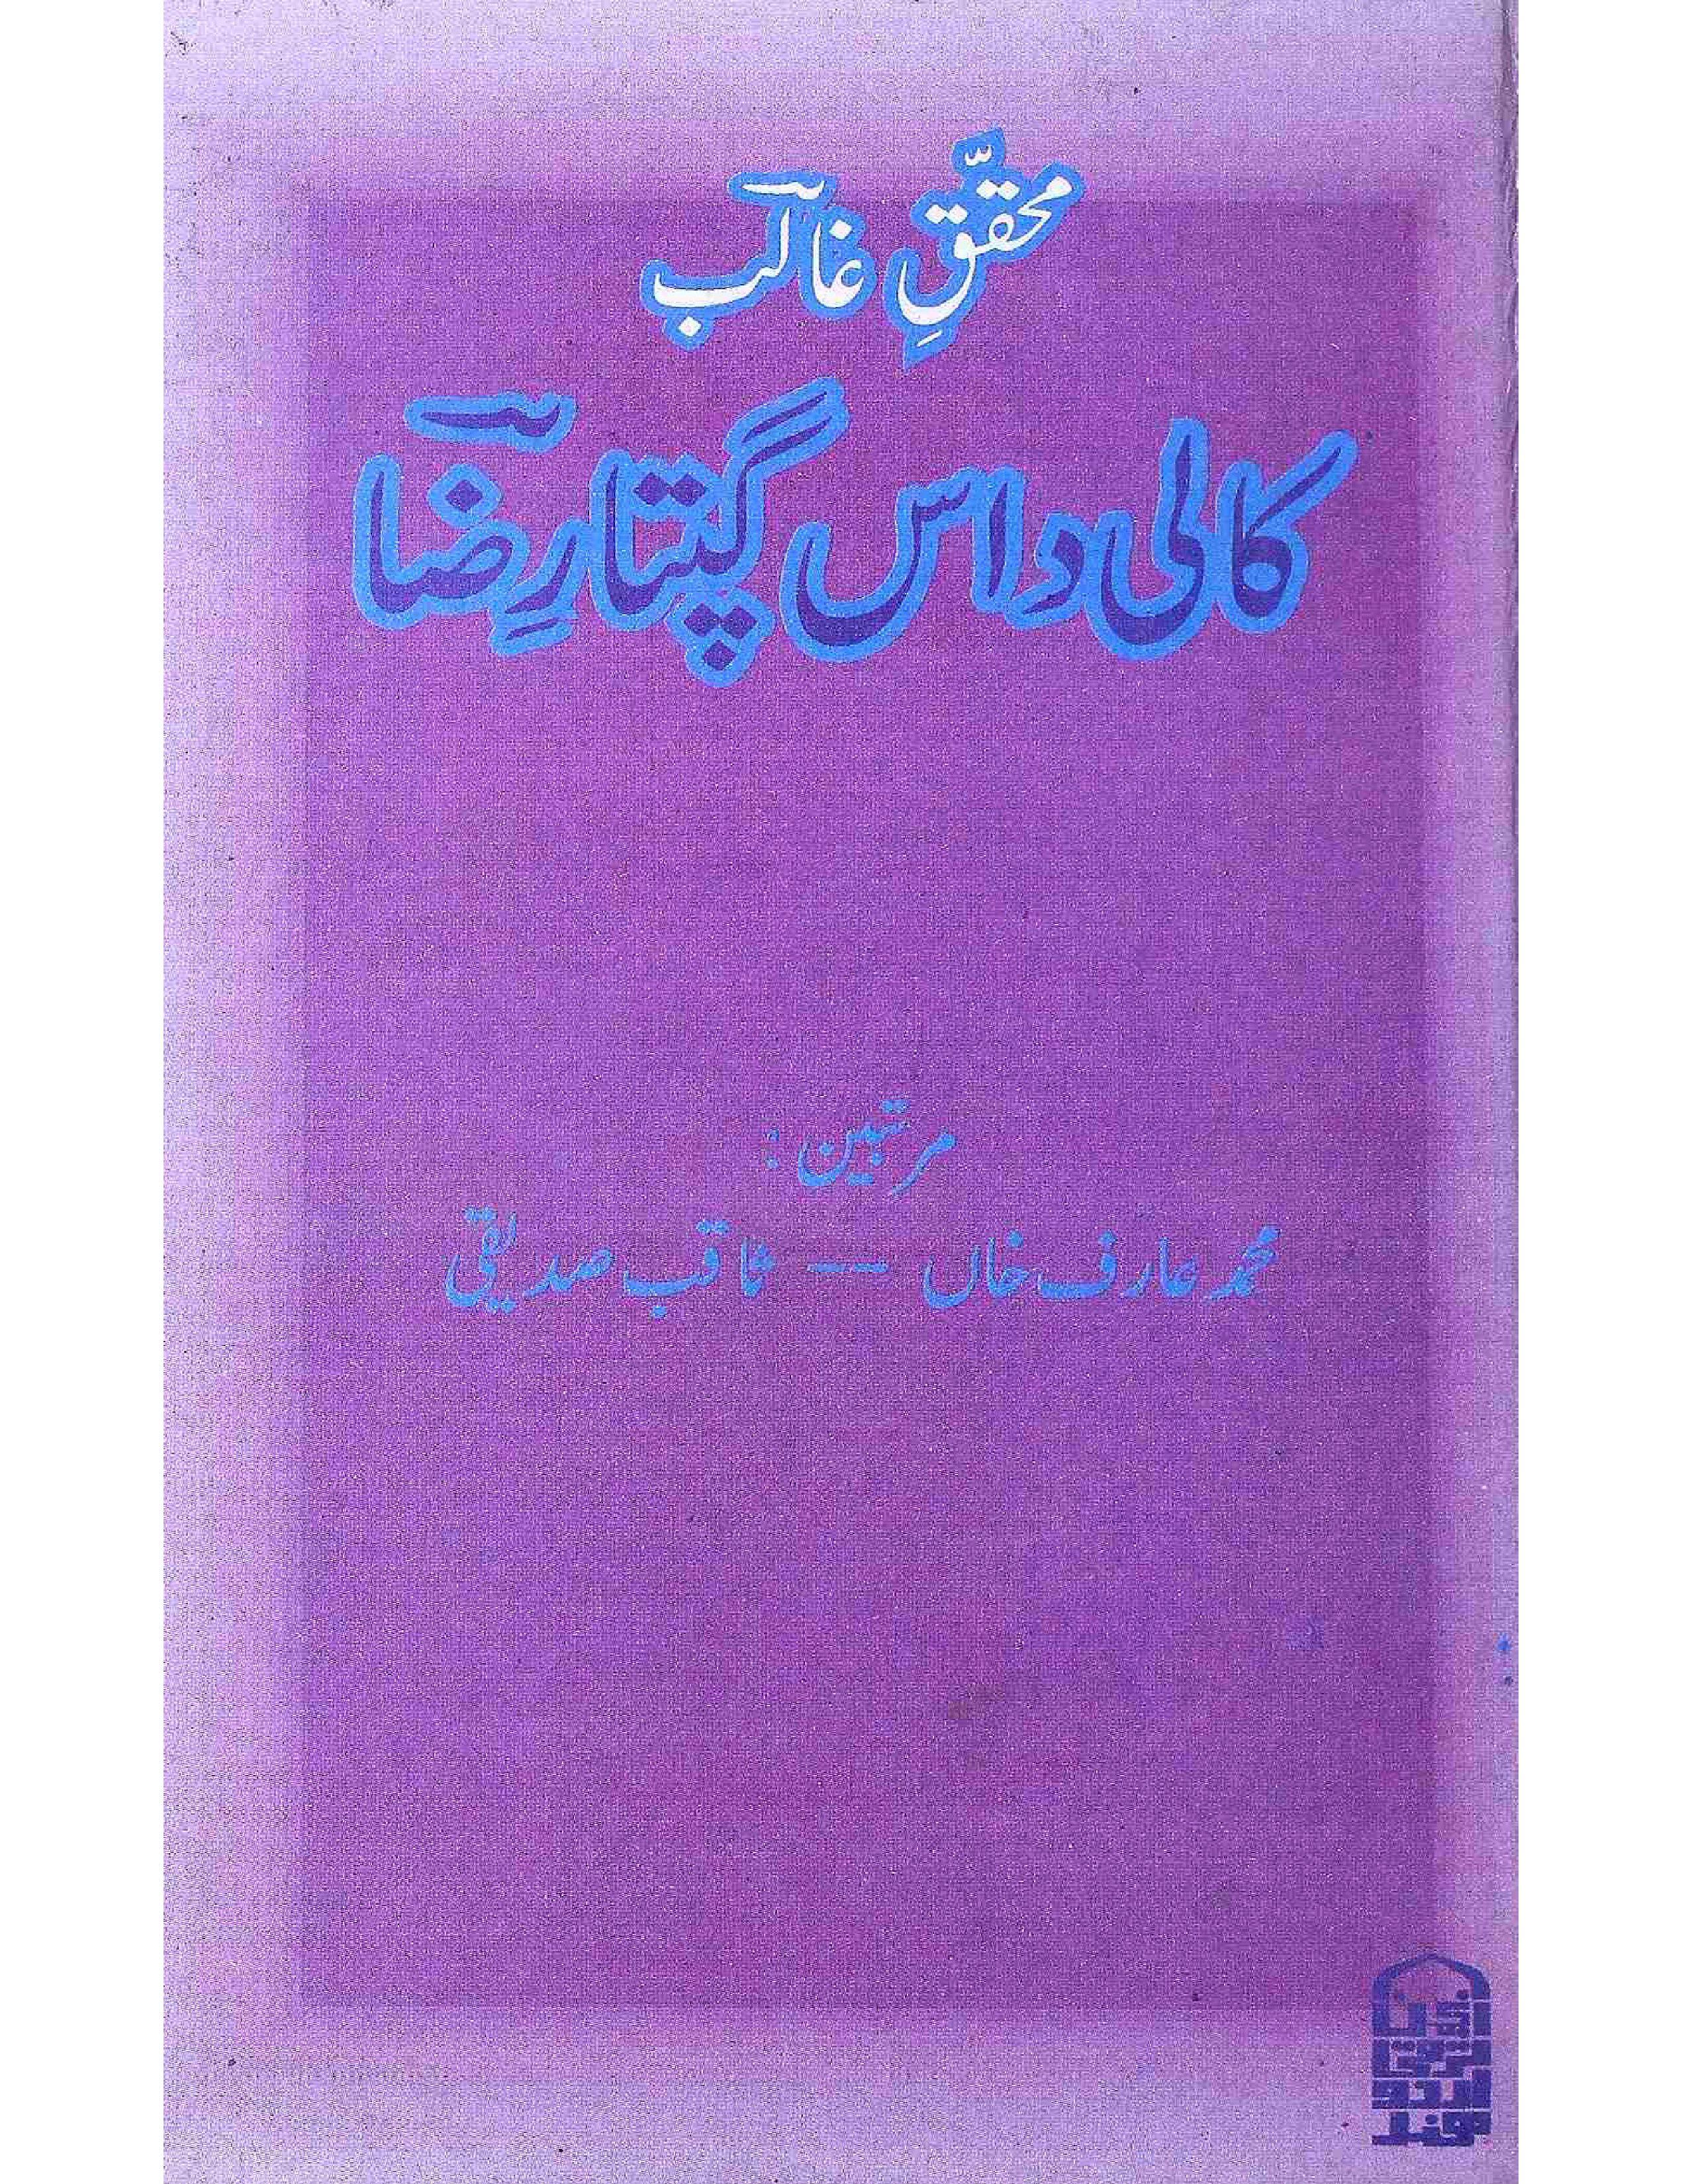 Mohaqqiq-e-Ghalib     Kali Das Gupta Riza